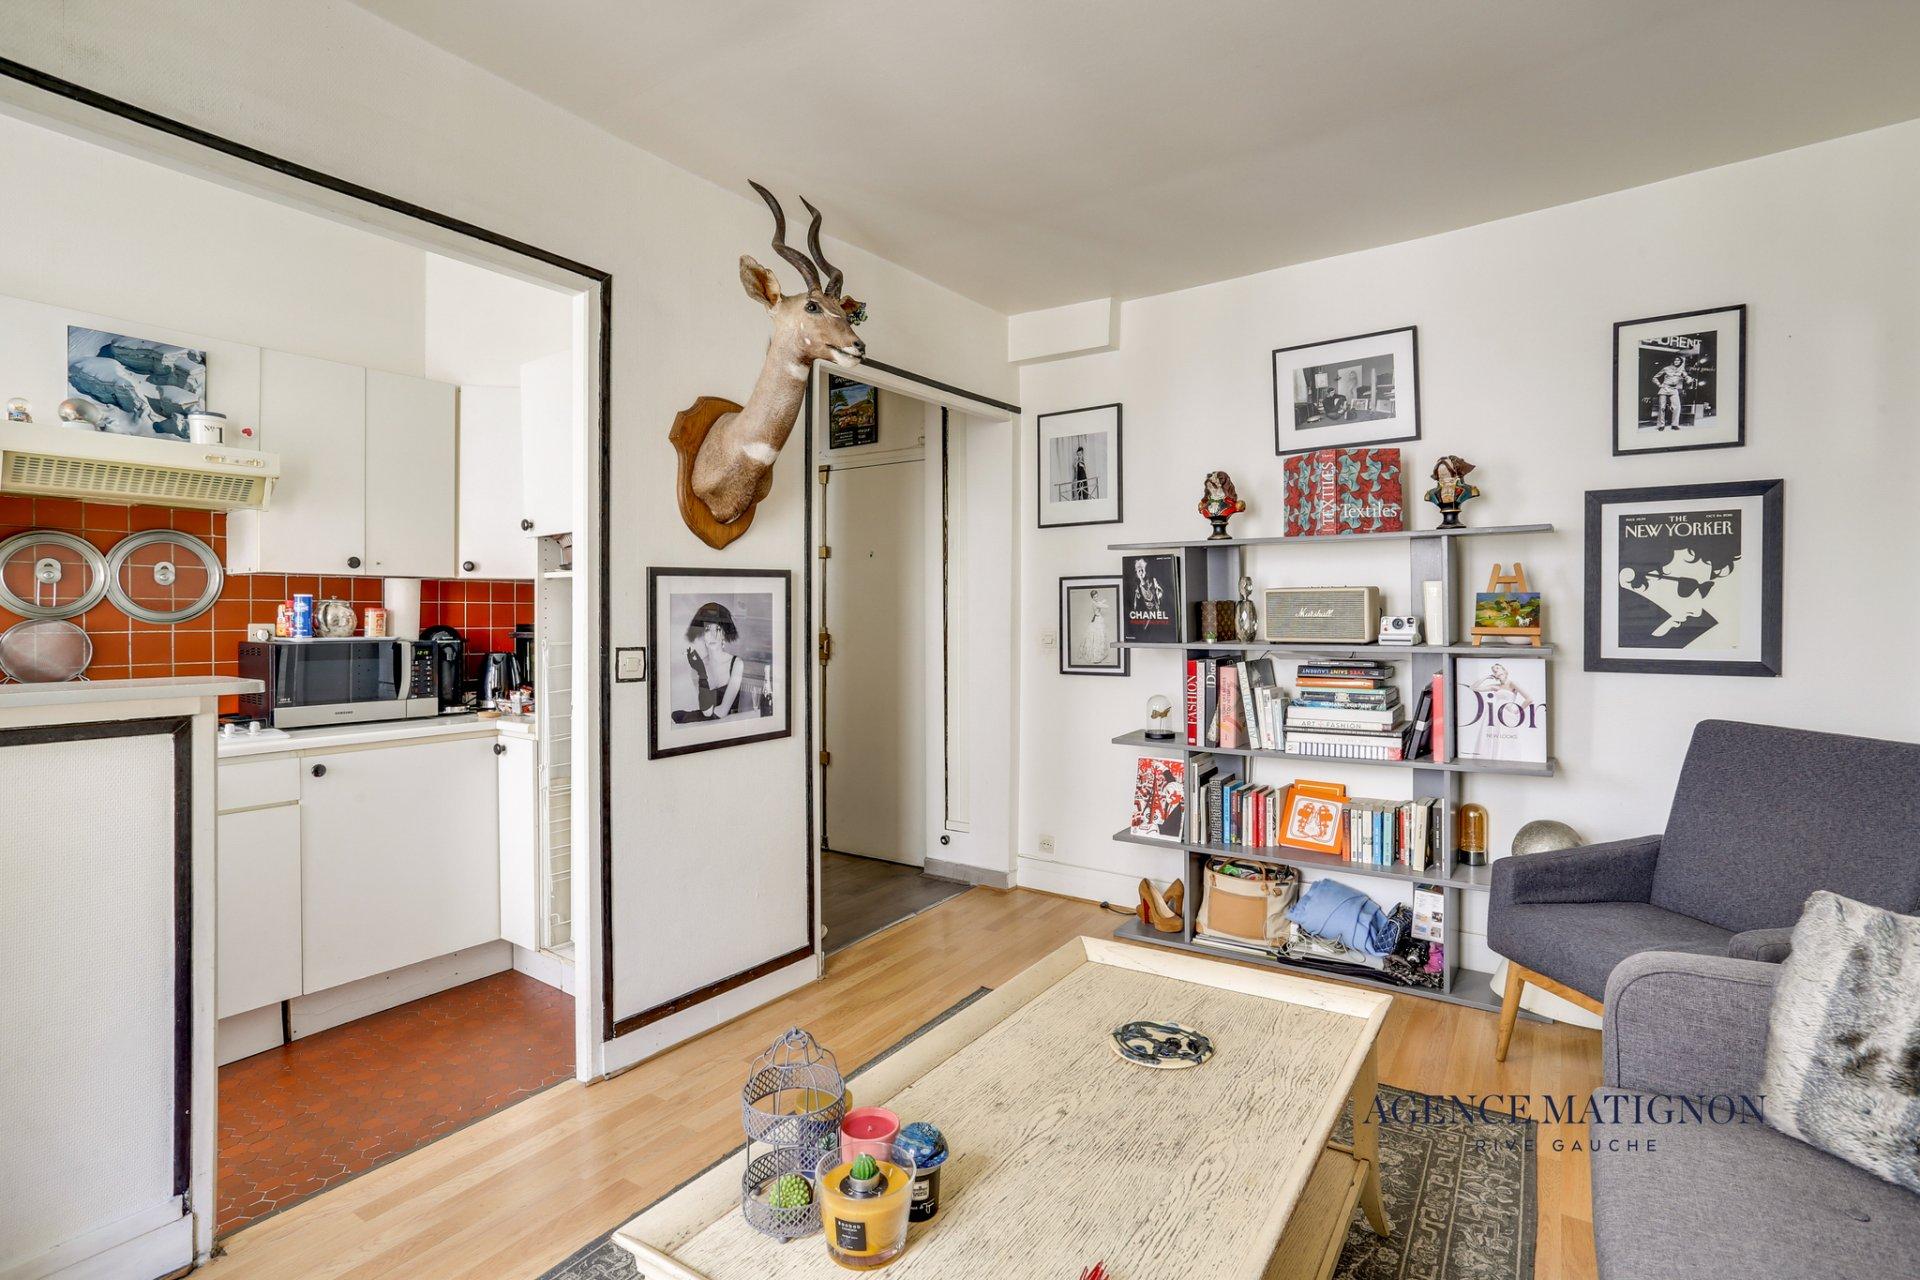 Appartement 2 pièces 34 m² 75006